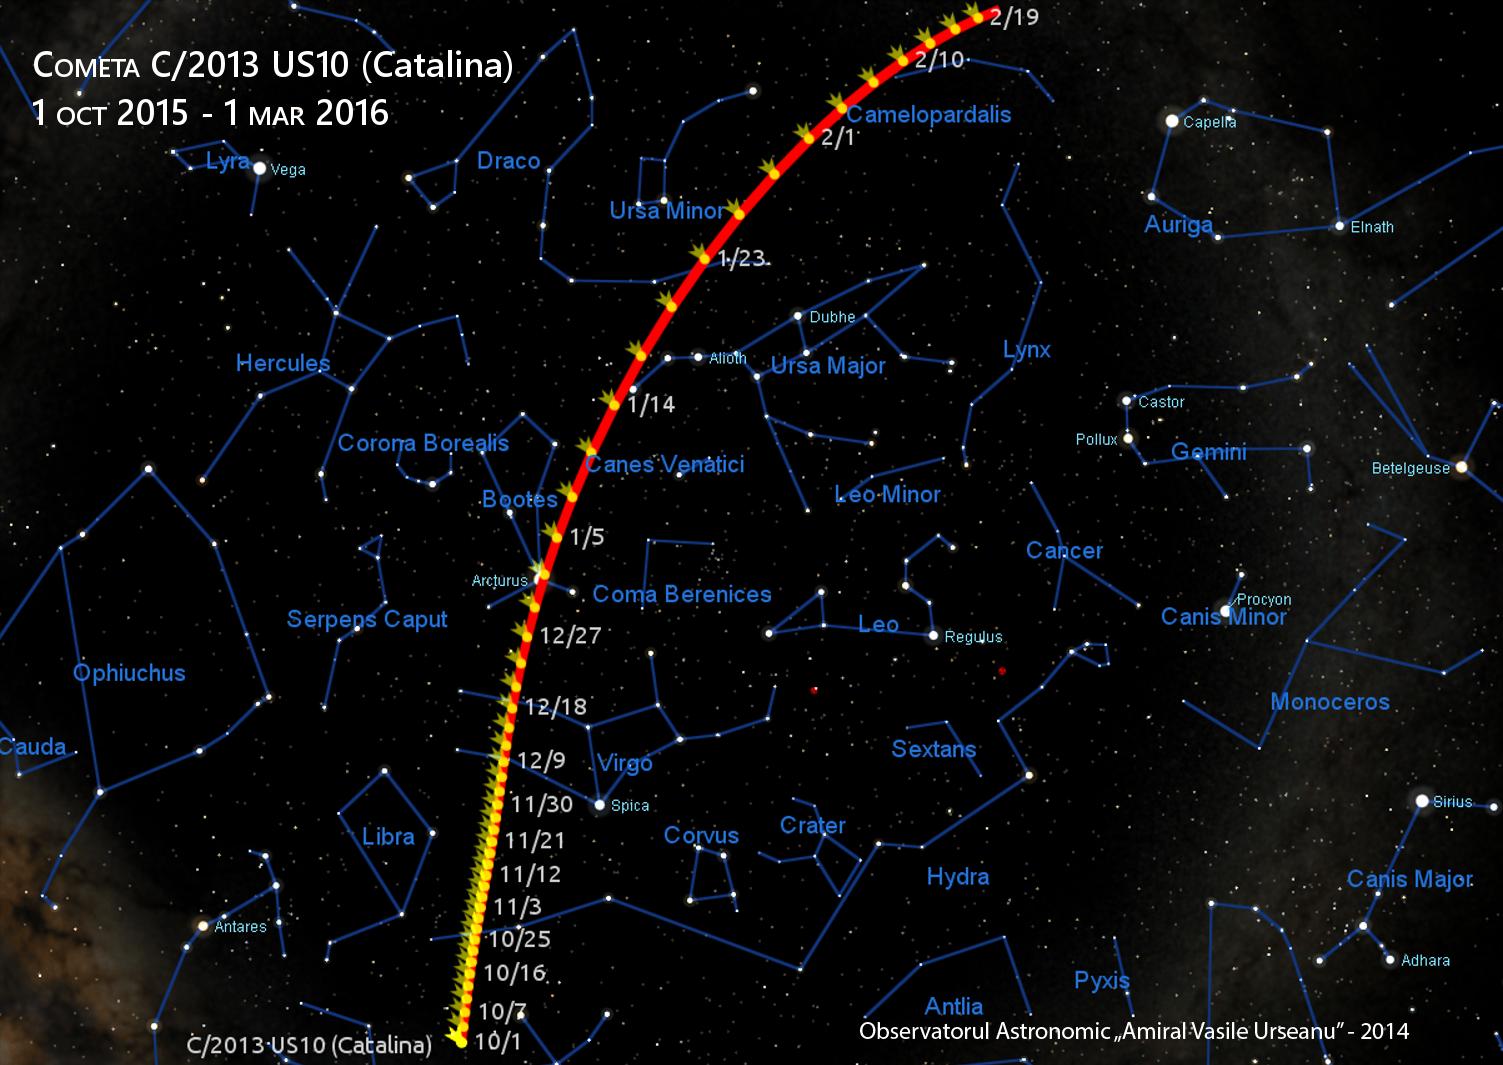 Mapa de ubicación del cometa Catalina entre el 1 de octubre de 2015 y el 1 de marzo de 2016